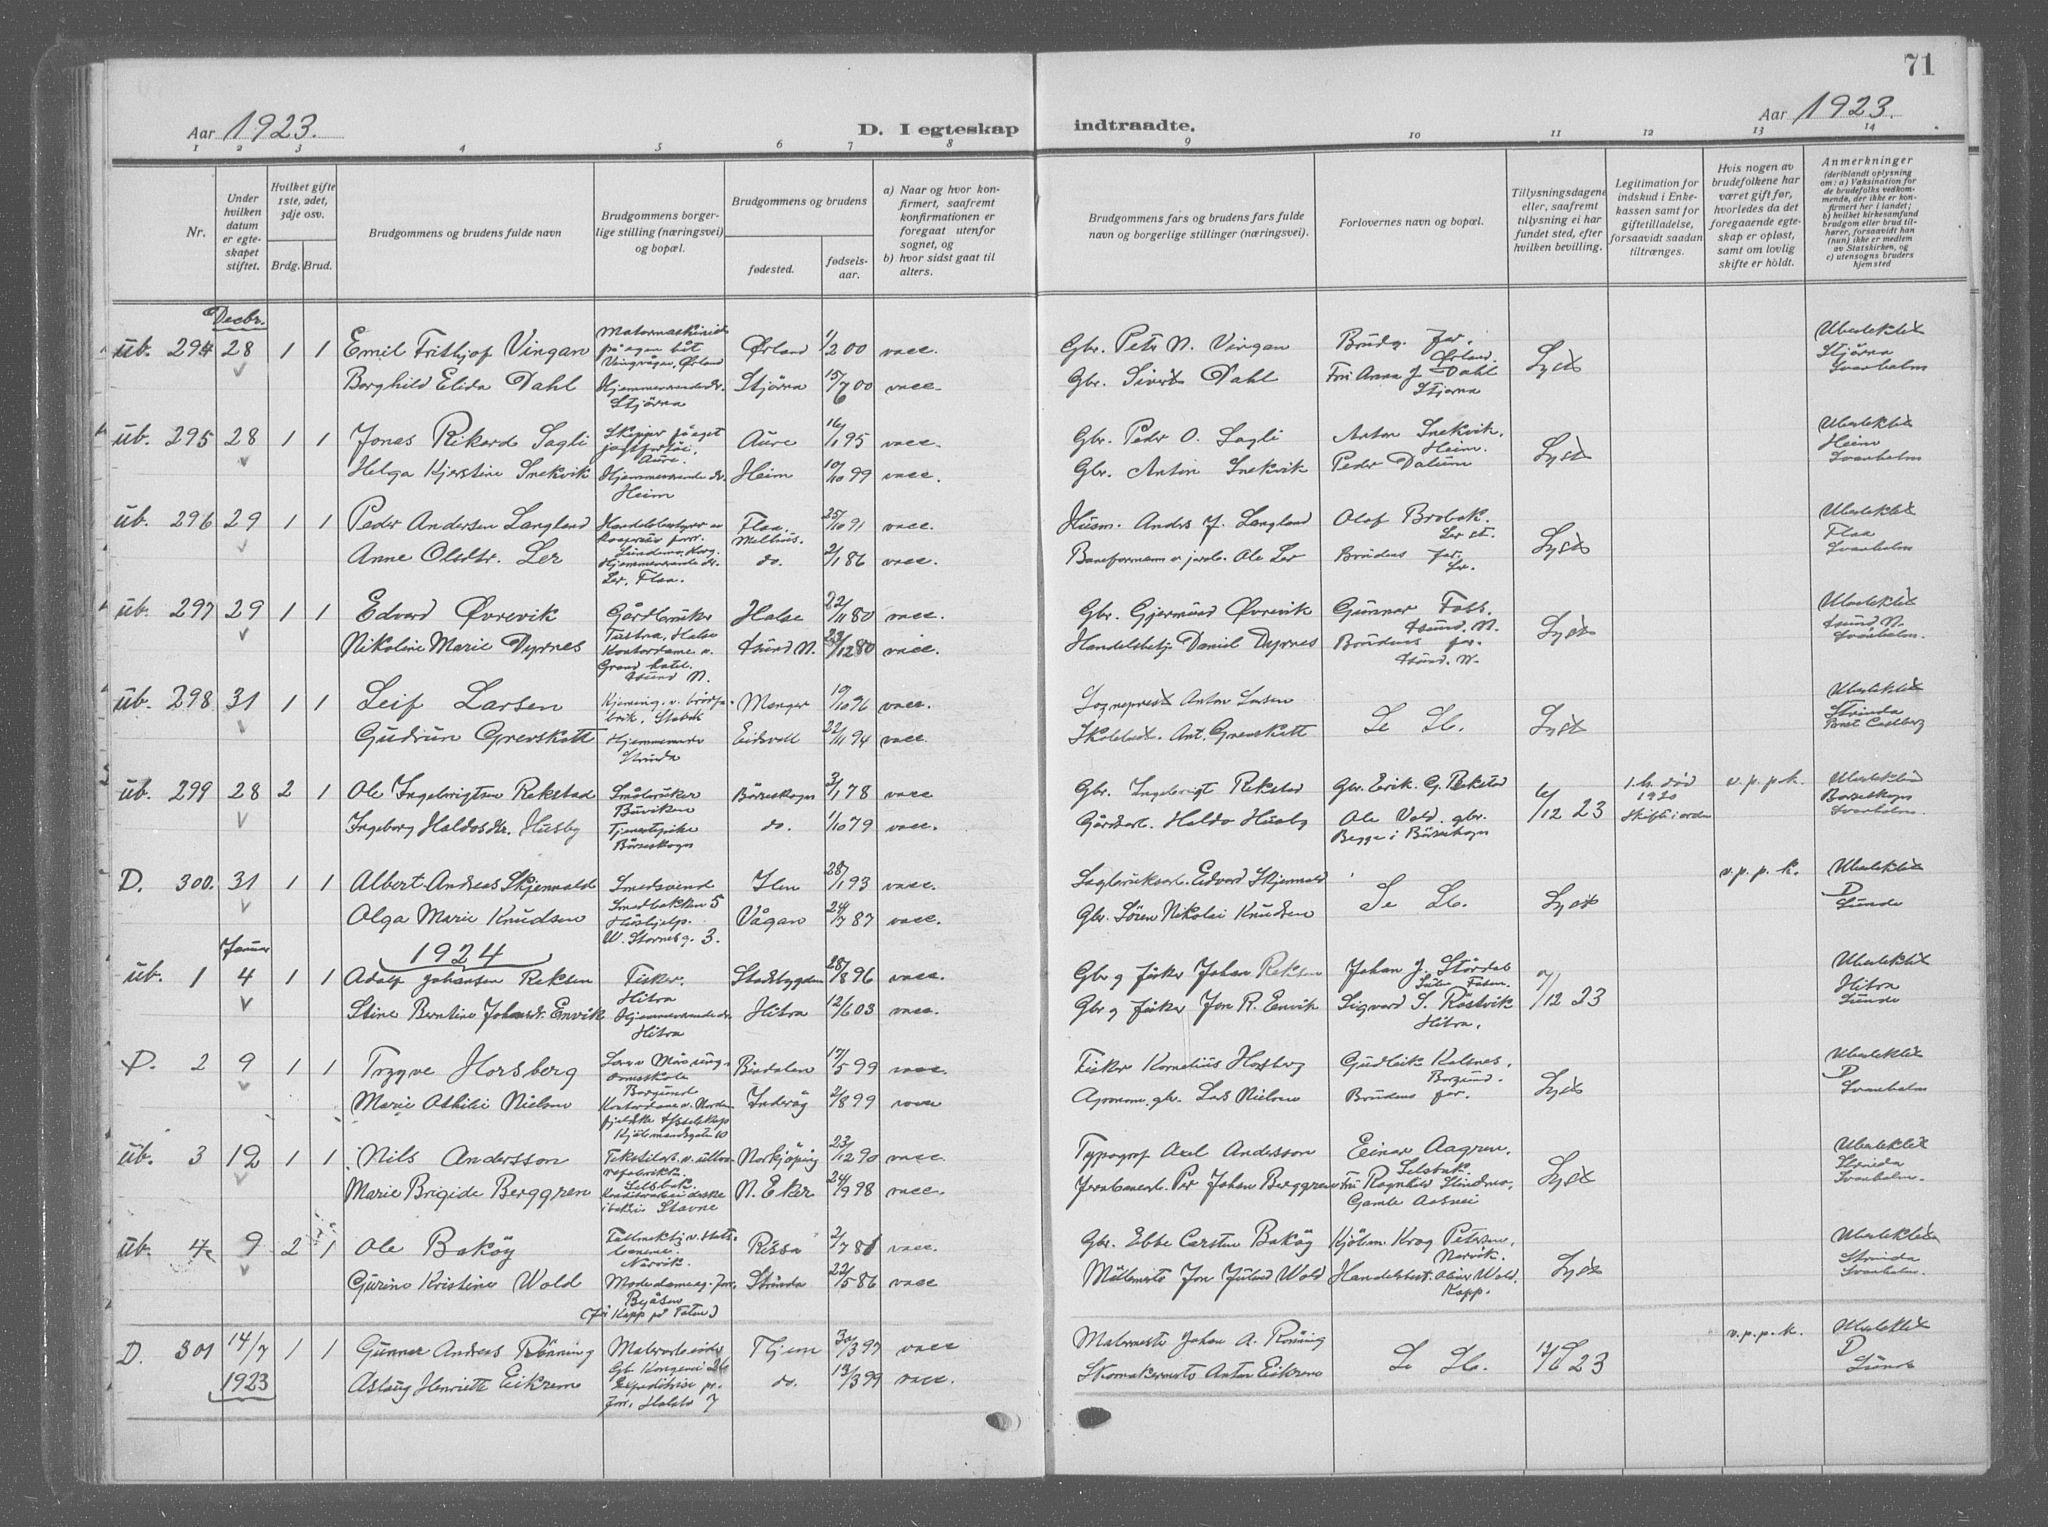 SAT, Ministerialprotokoller, klokkerbøker og fødselsregistre - Sør-Trøndelag, 601/L0098: Klokkerbok nr. 601C16, 1921-1934, s. 71